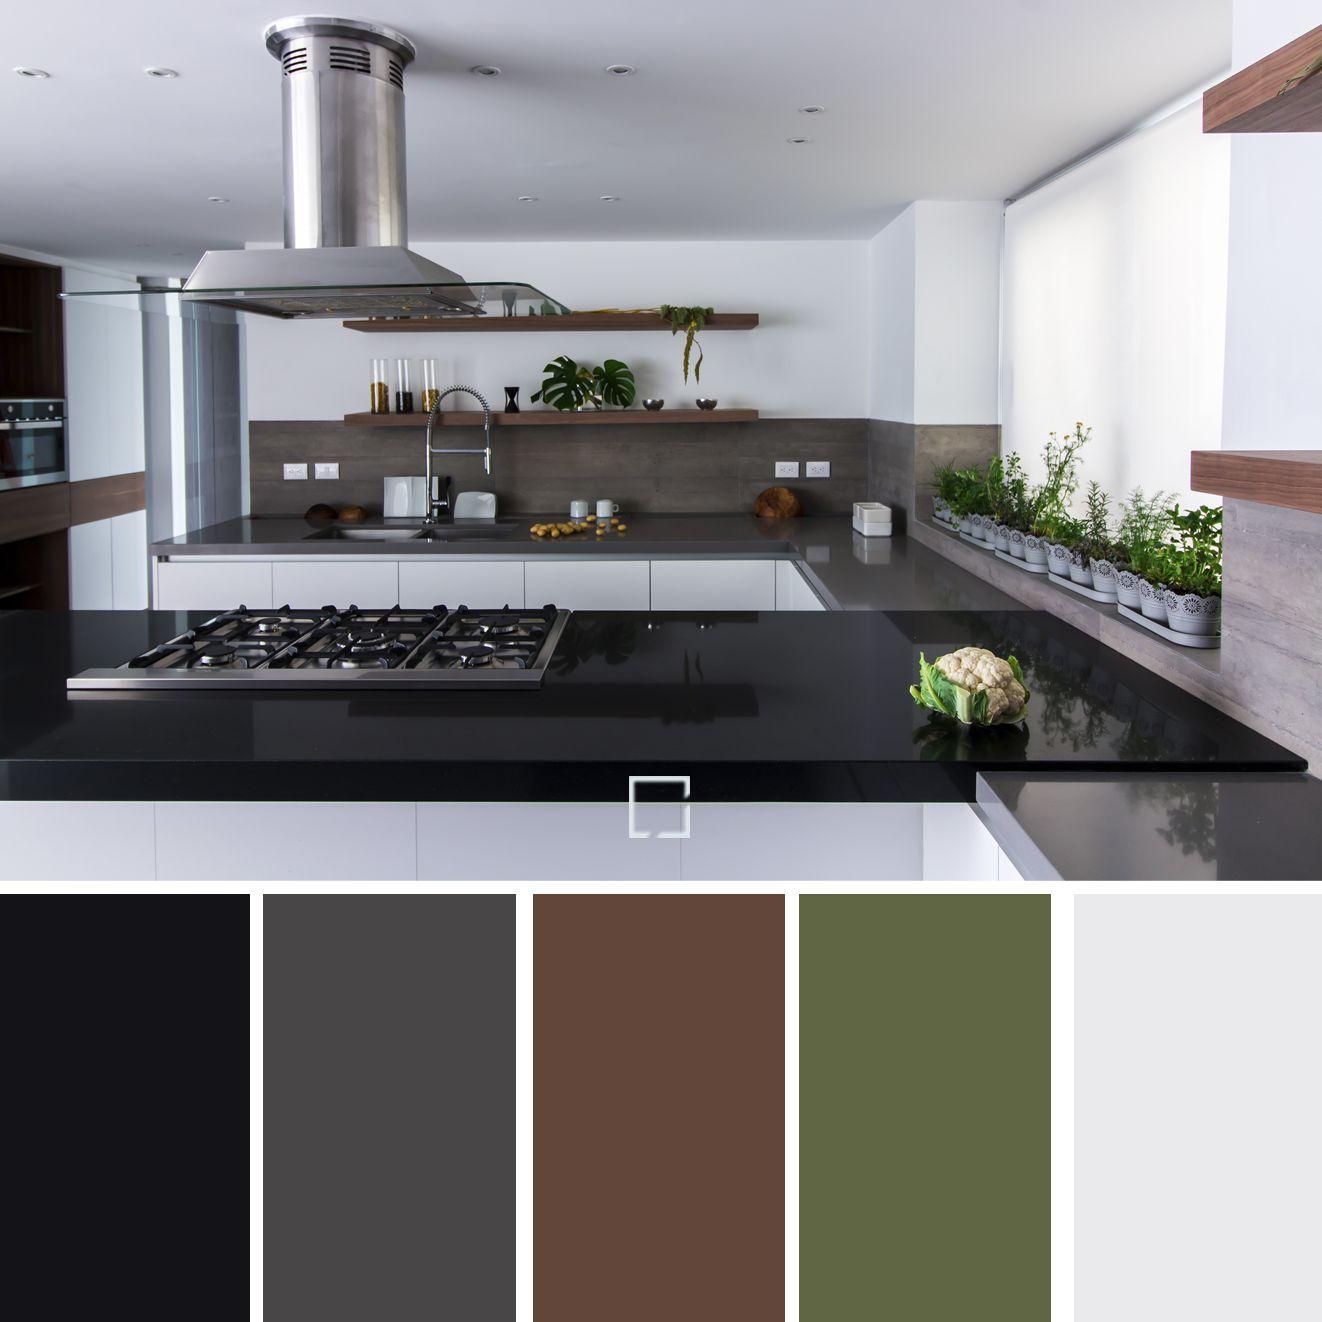 Paleta de colores, para una cocina sobria, elegante y acogedora ...